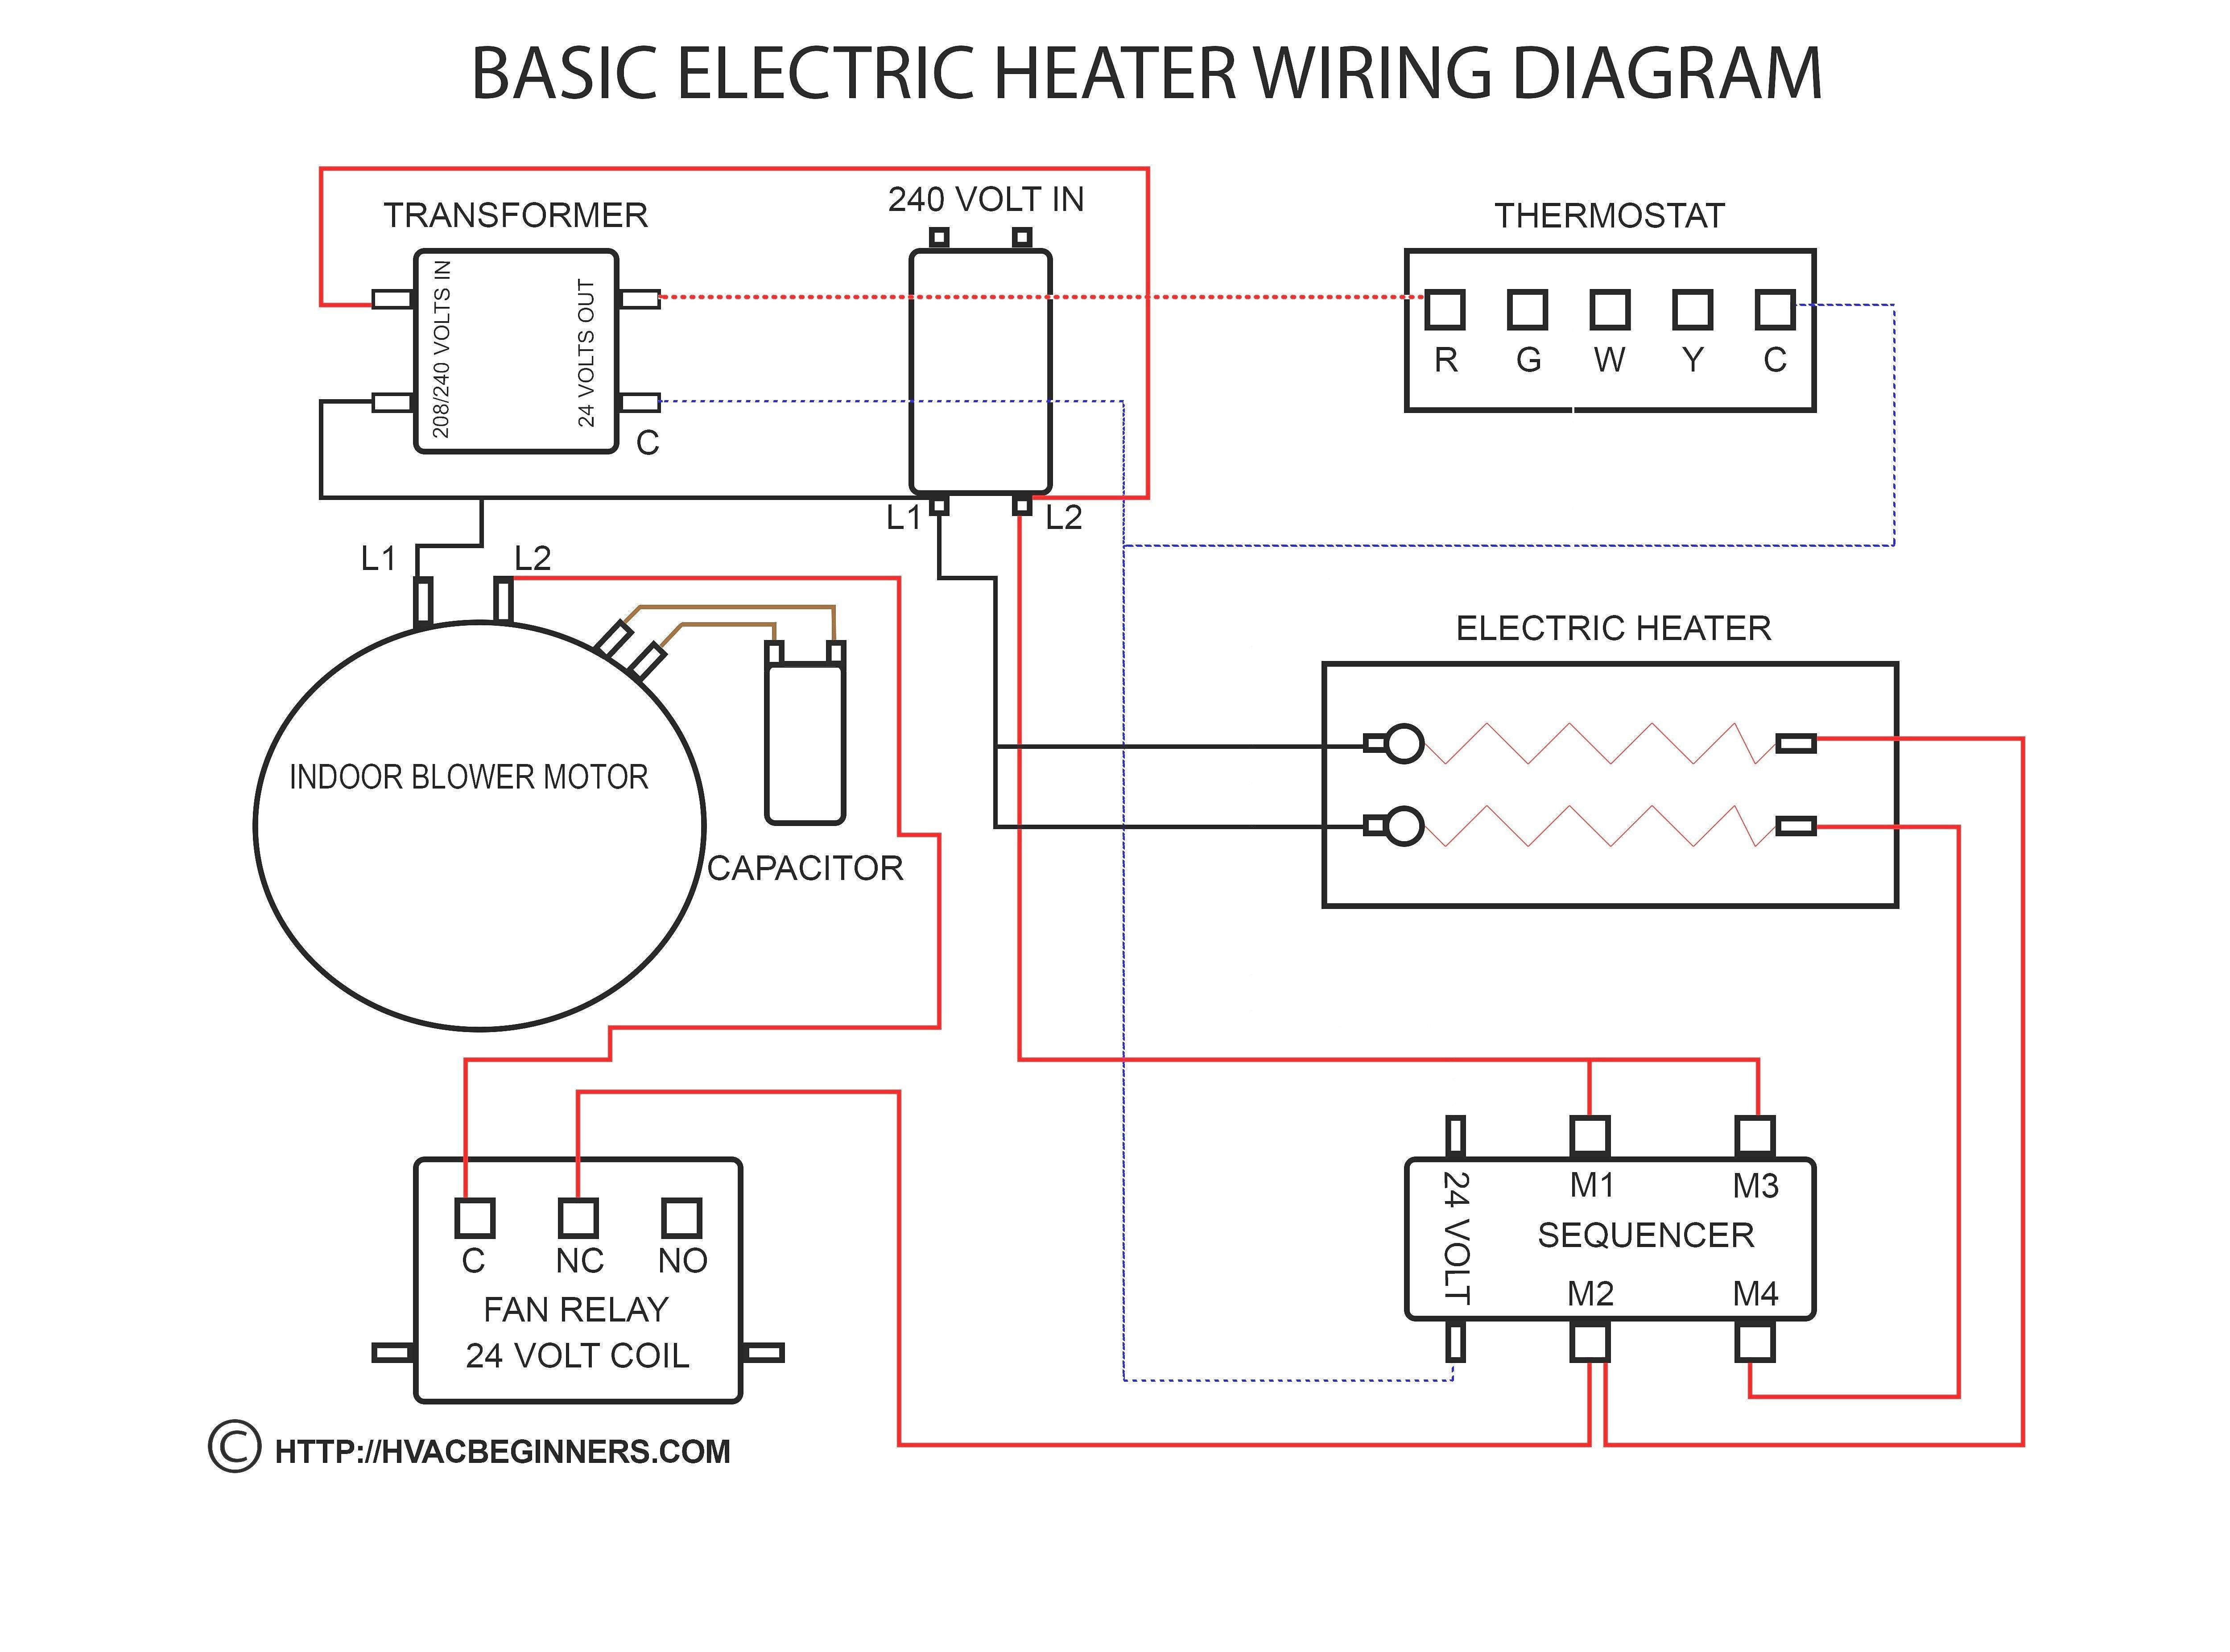 Diagram Diagramsample Diagramtemplate Wiringdiagram Diagramchart Worksheet Worksheettempla Electrical Circuit Diagram Electrical Wiring Diagram